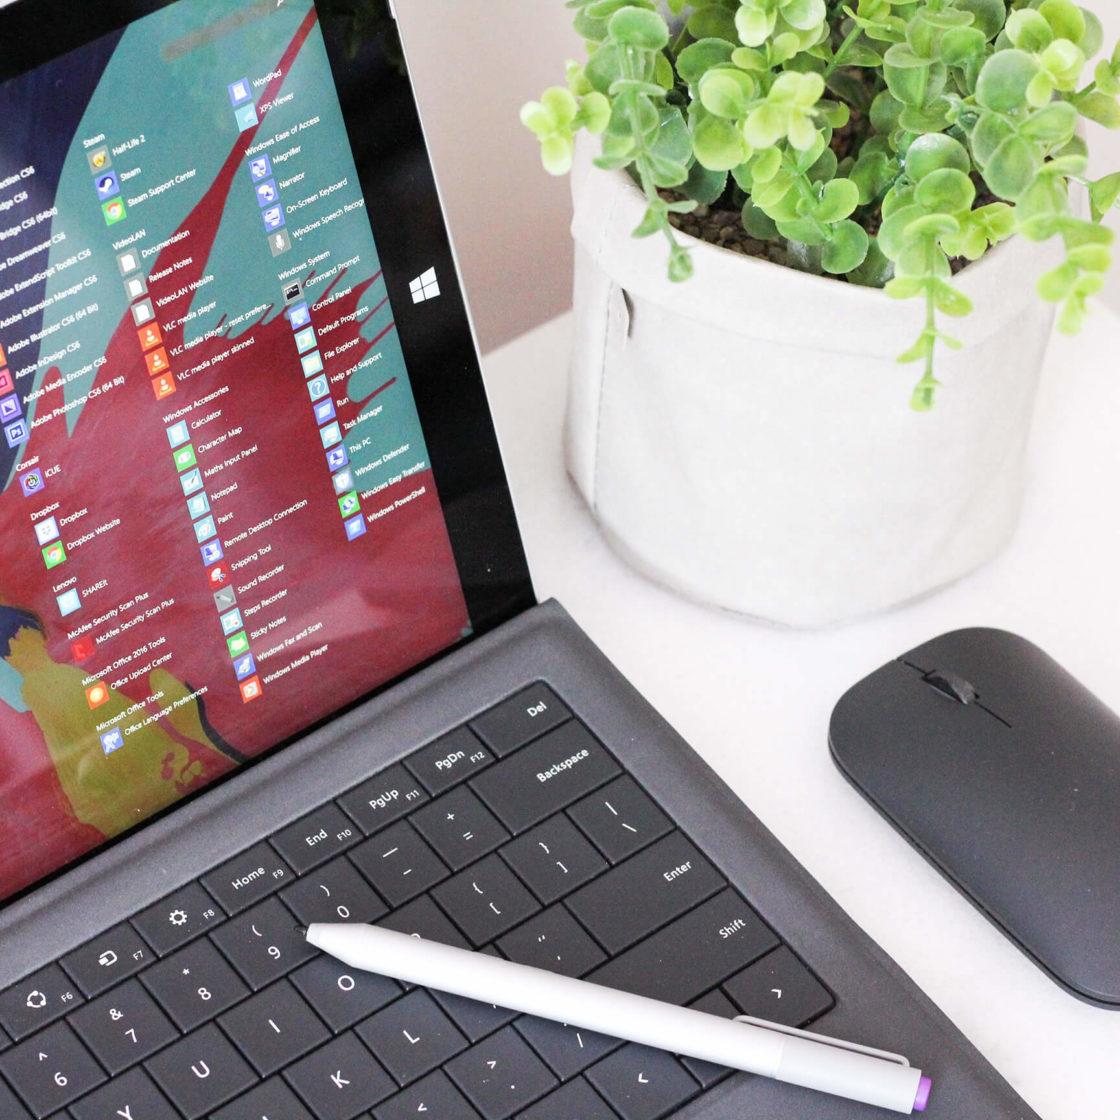 Software-Lösungen für Office und Collaboration